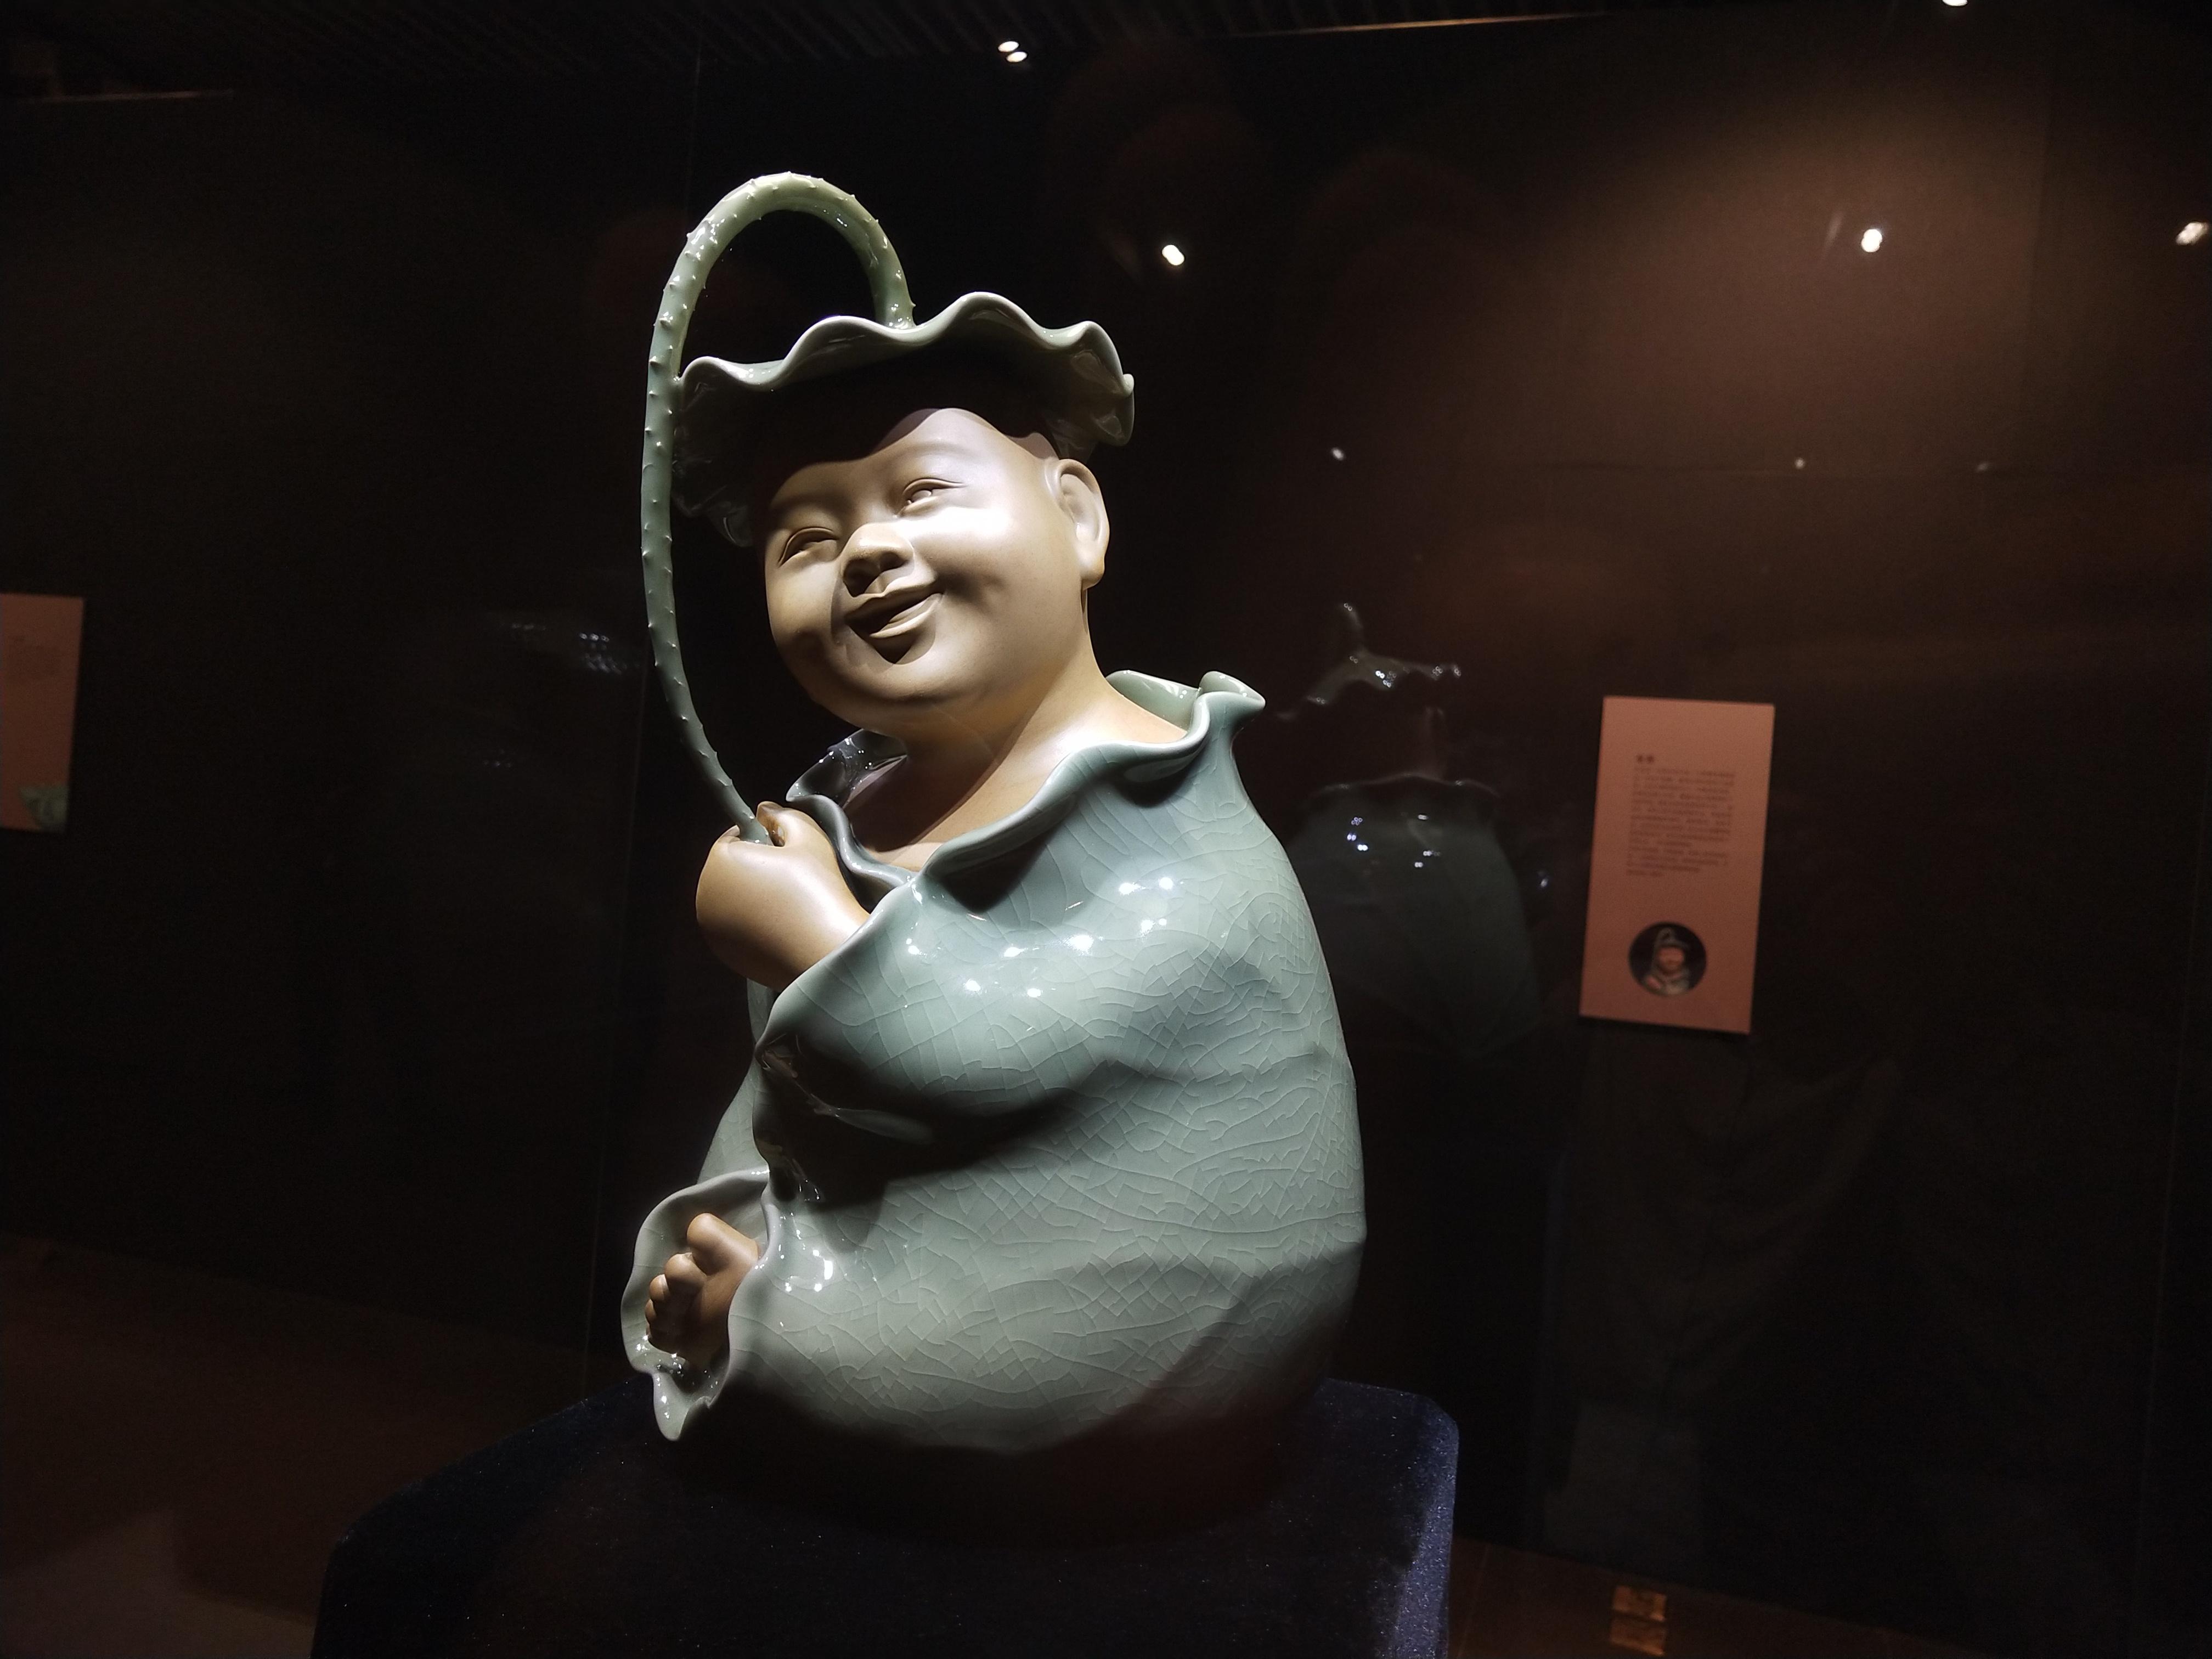 北京赛车助手app:玉立群芳・松风瓷韵_中国工艺美术大师孟玉松汝瓷成就展在平顶山举行